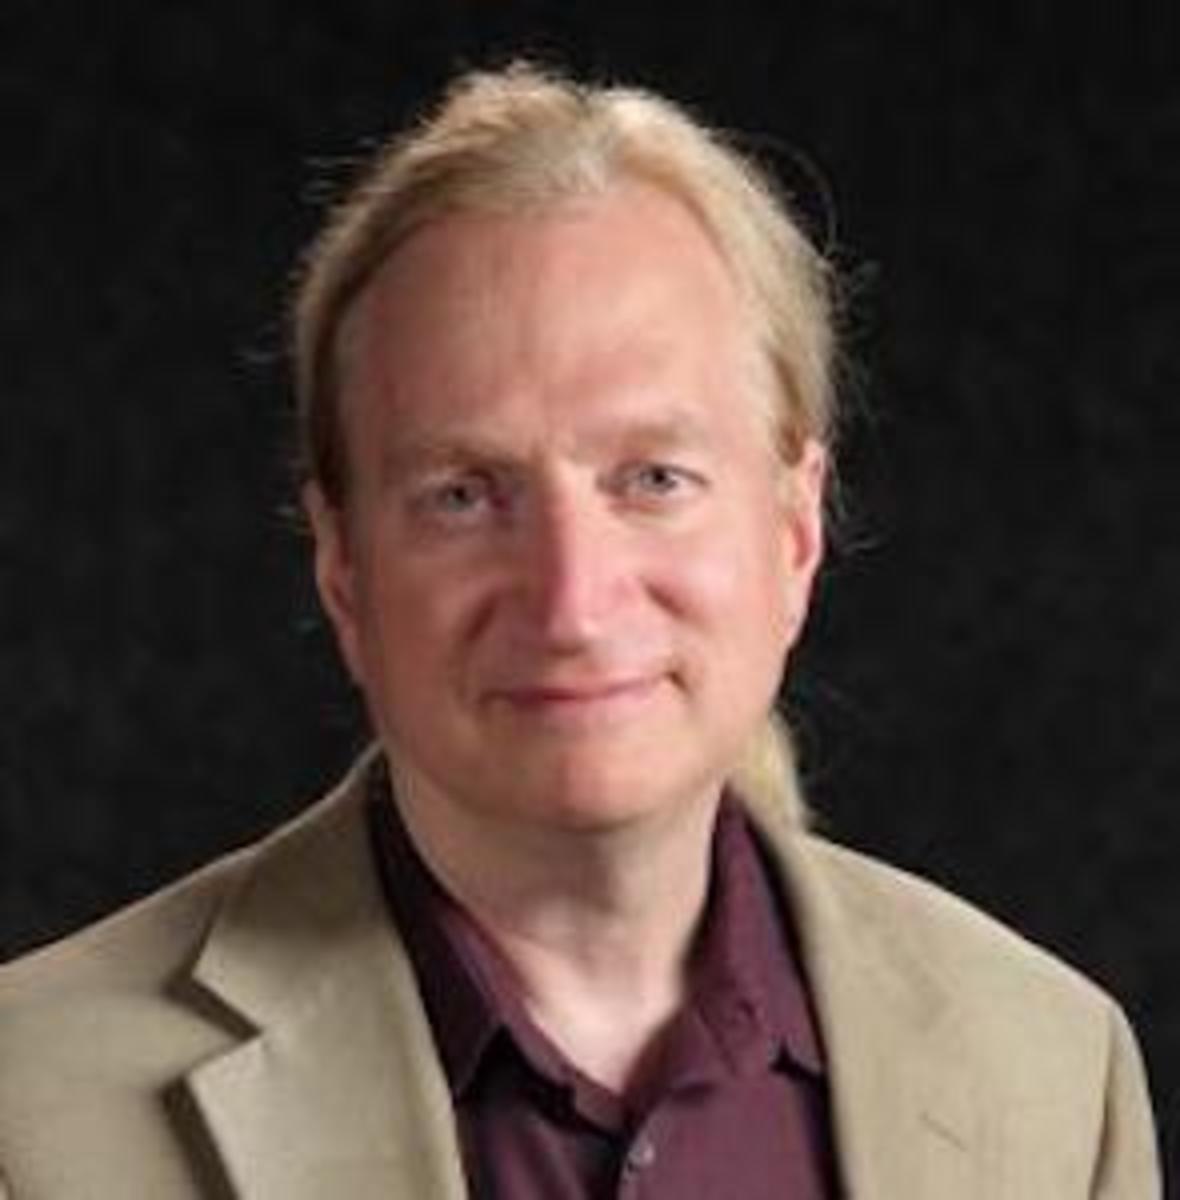 Paul Gulino2